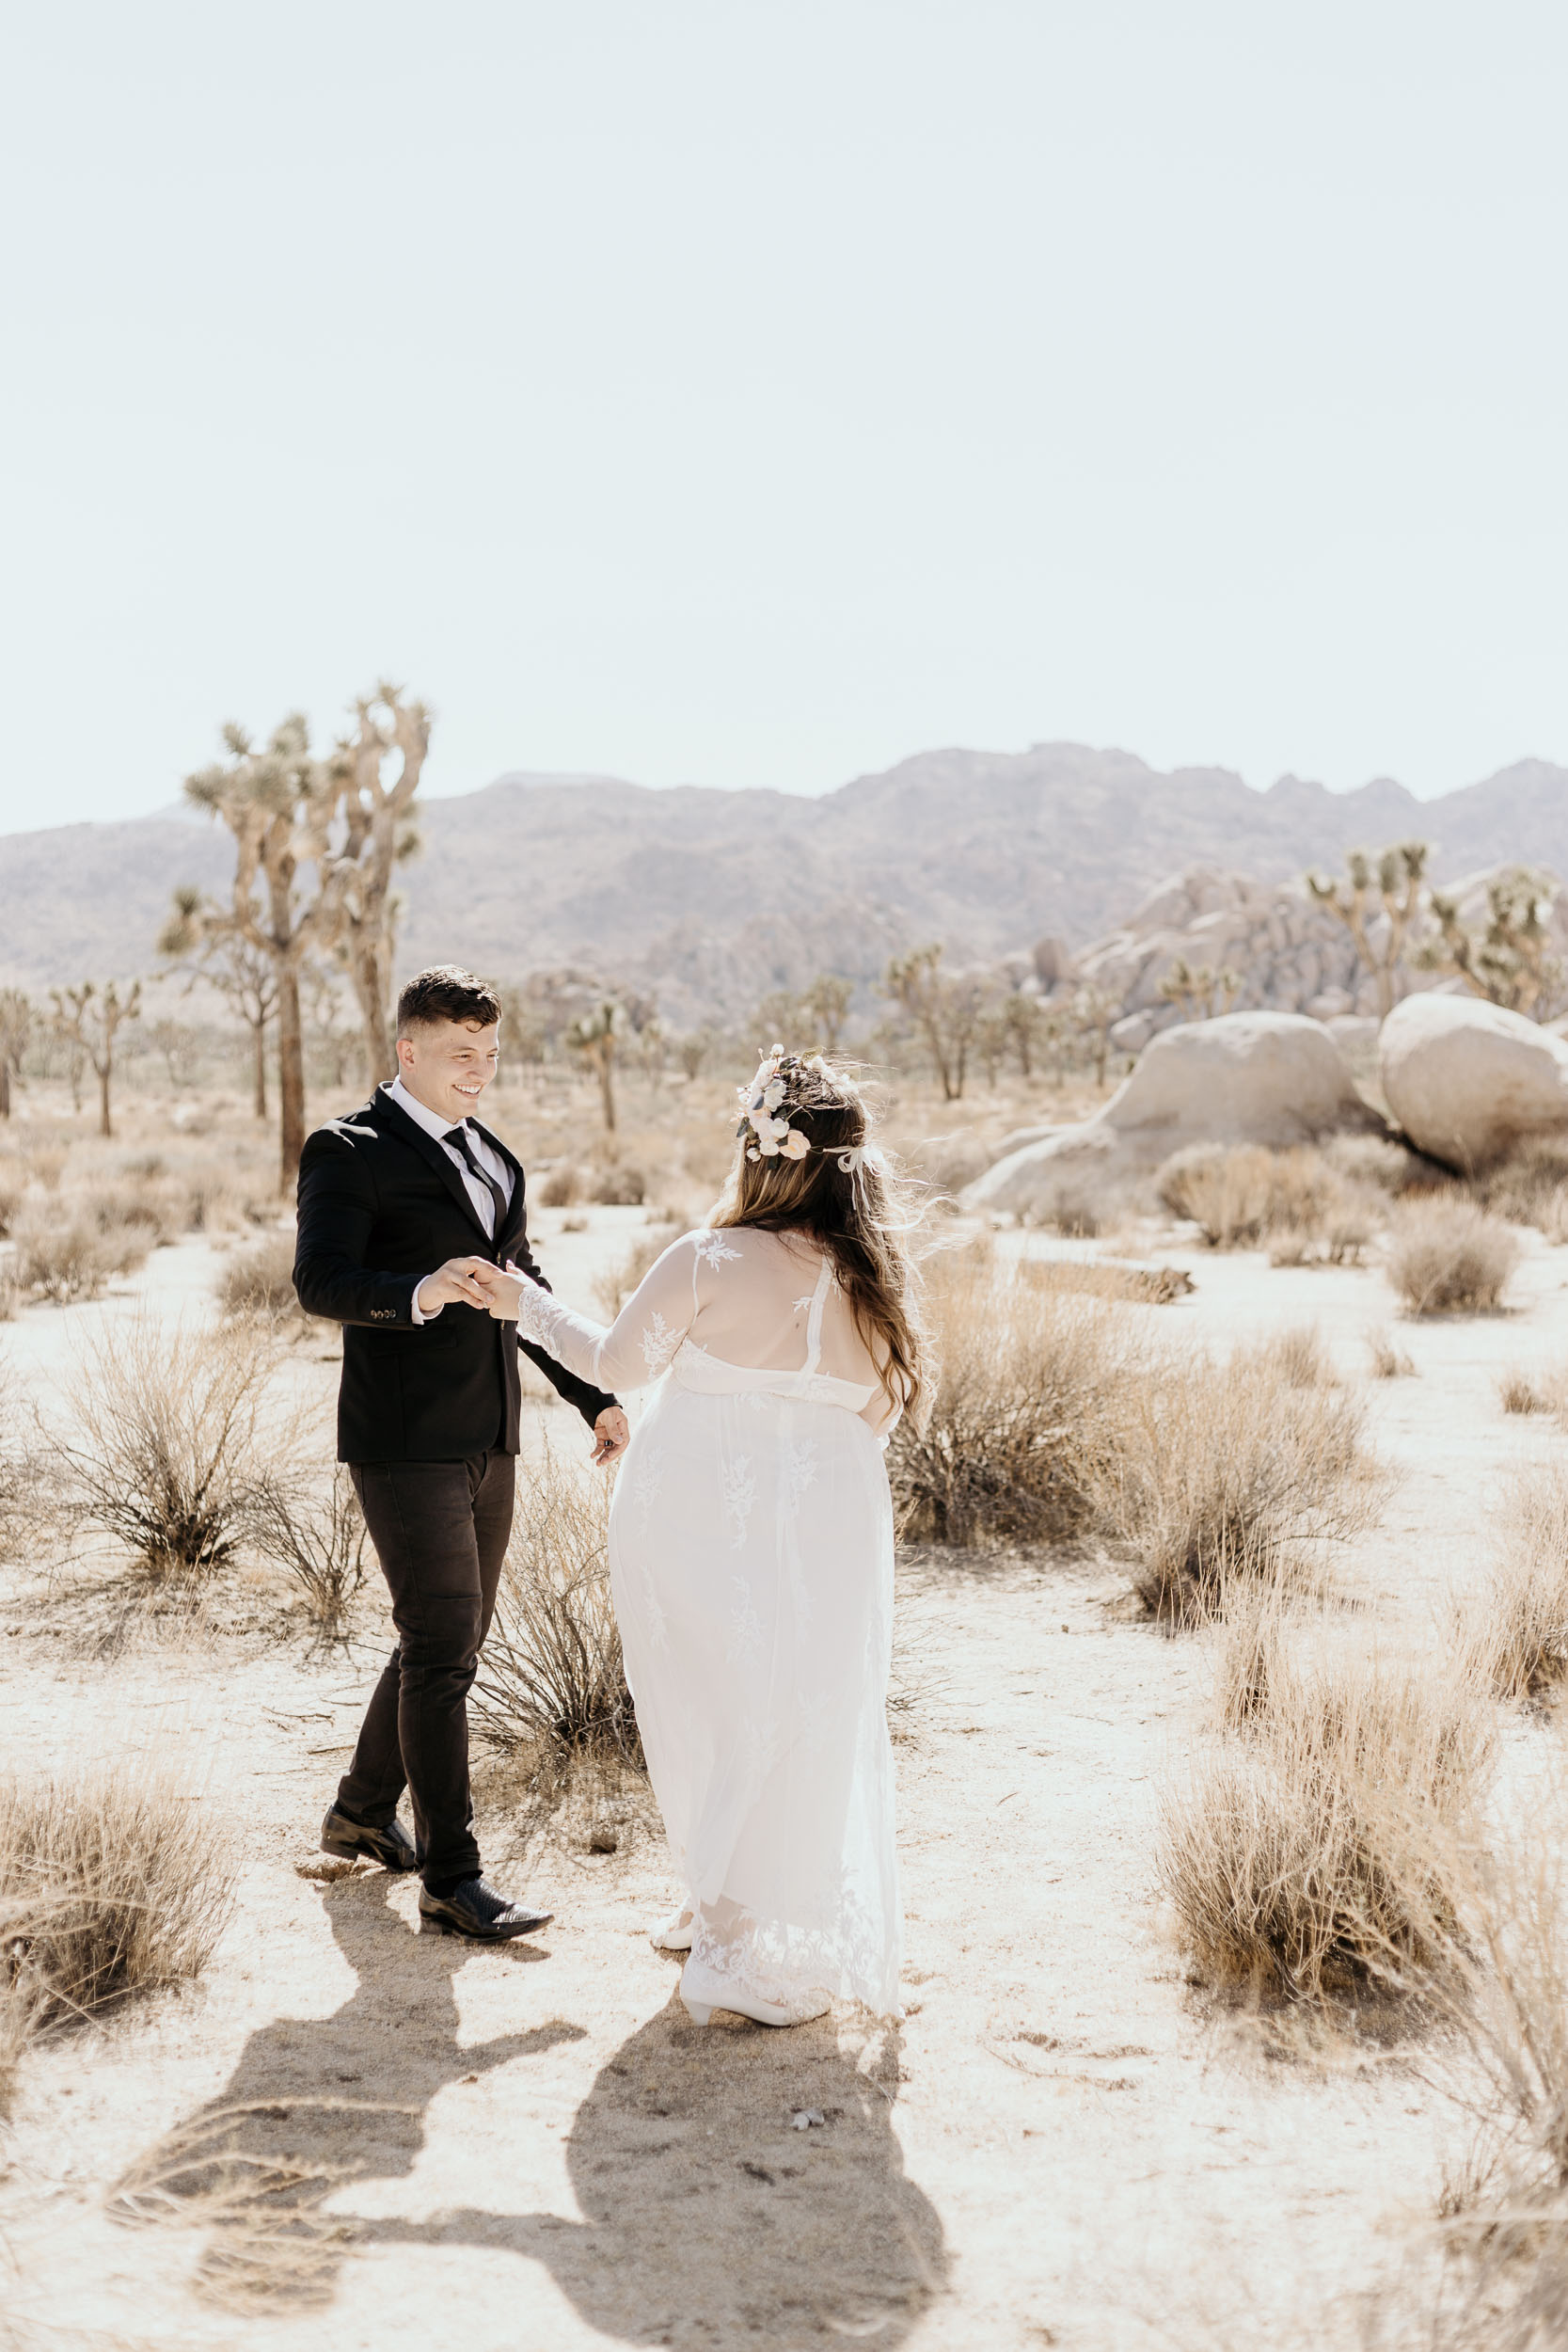 intimate-wedding-elopement-photographer-ottawa-joshua-tree-0271.jpg